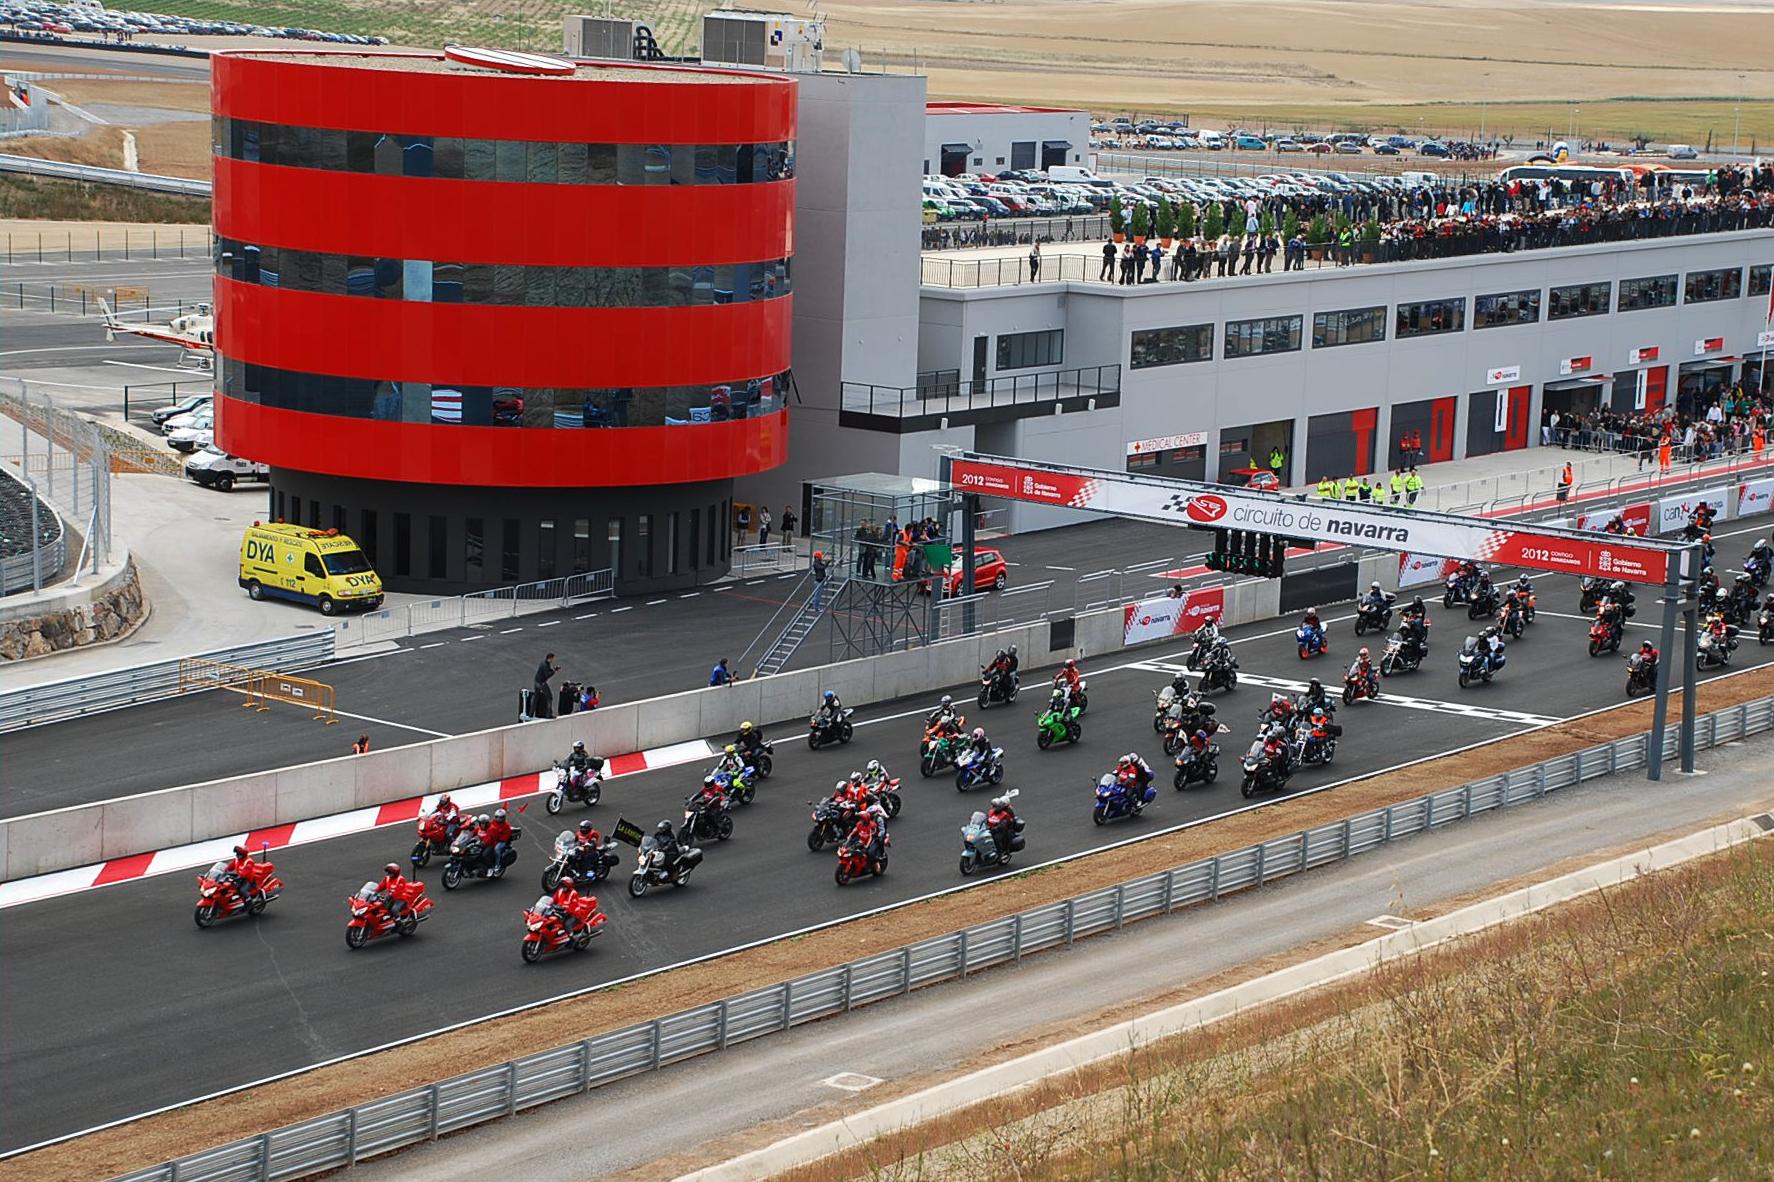 Het circuit van Navarra (Foto: WikiCommons)